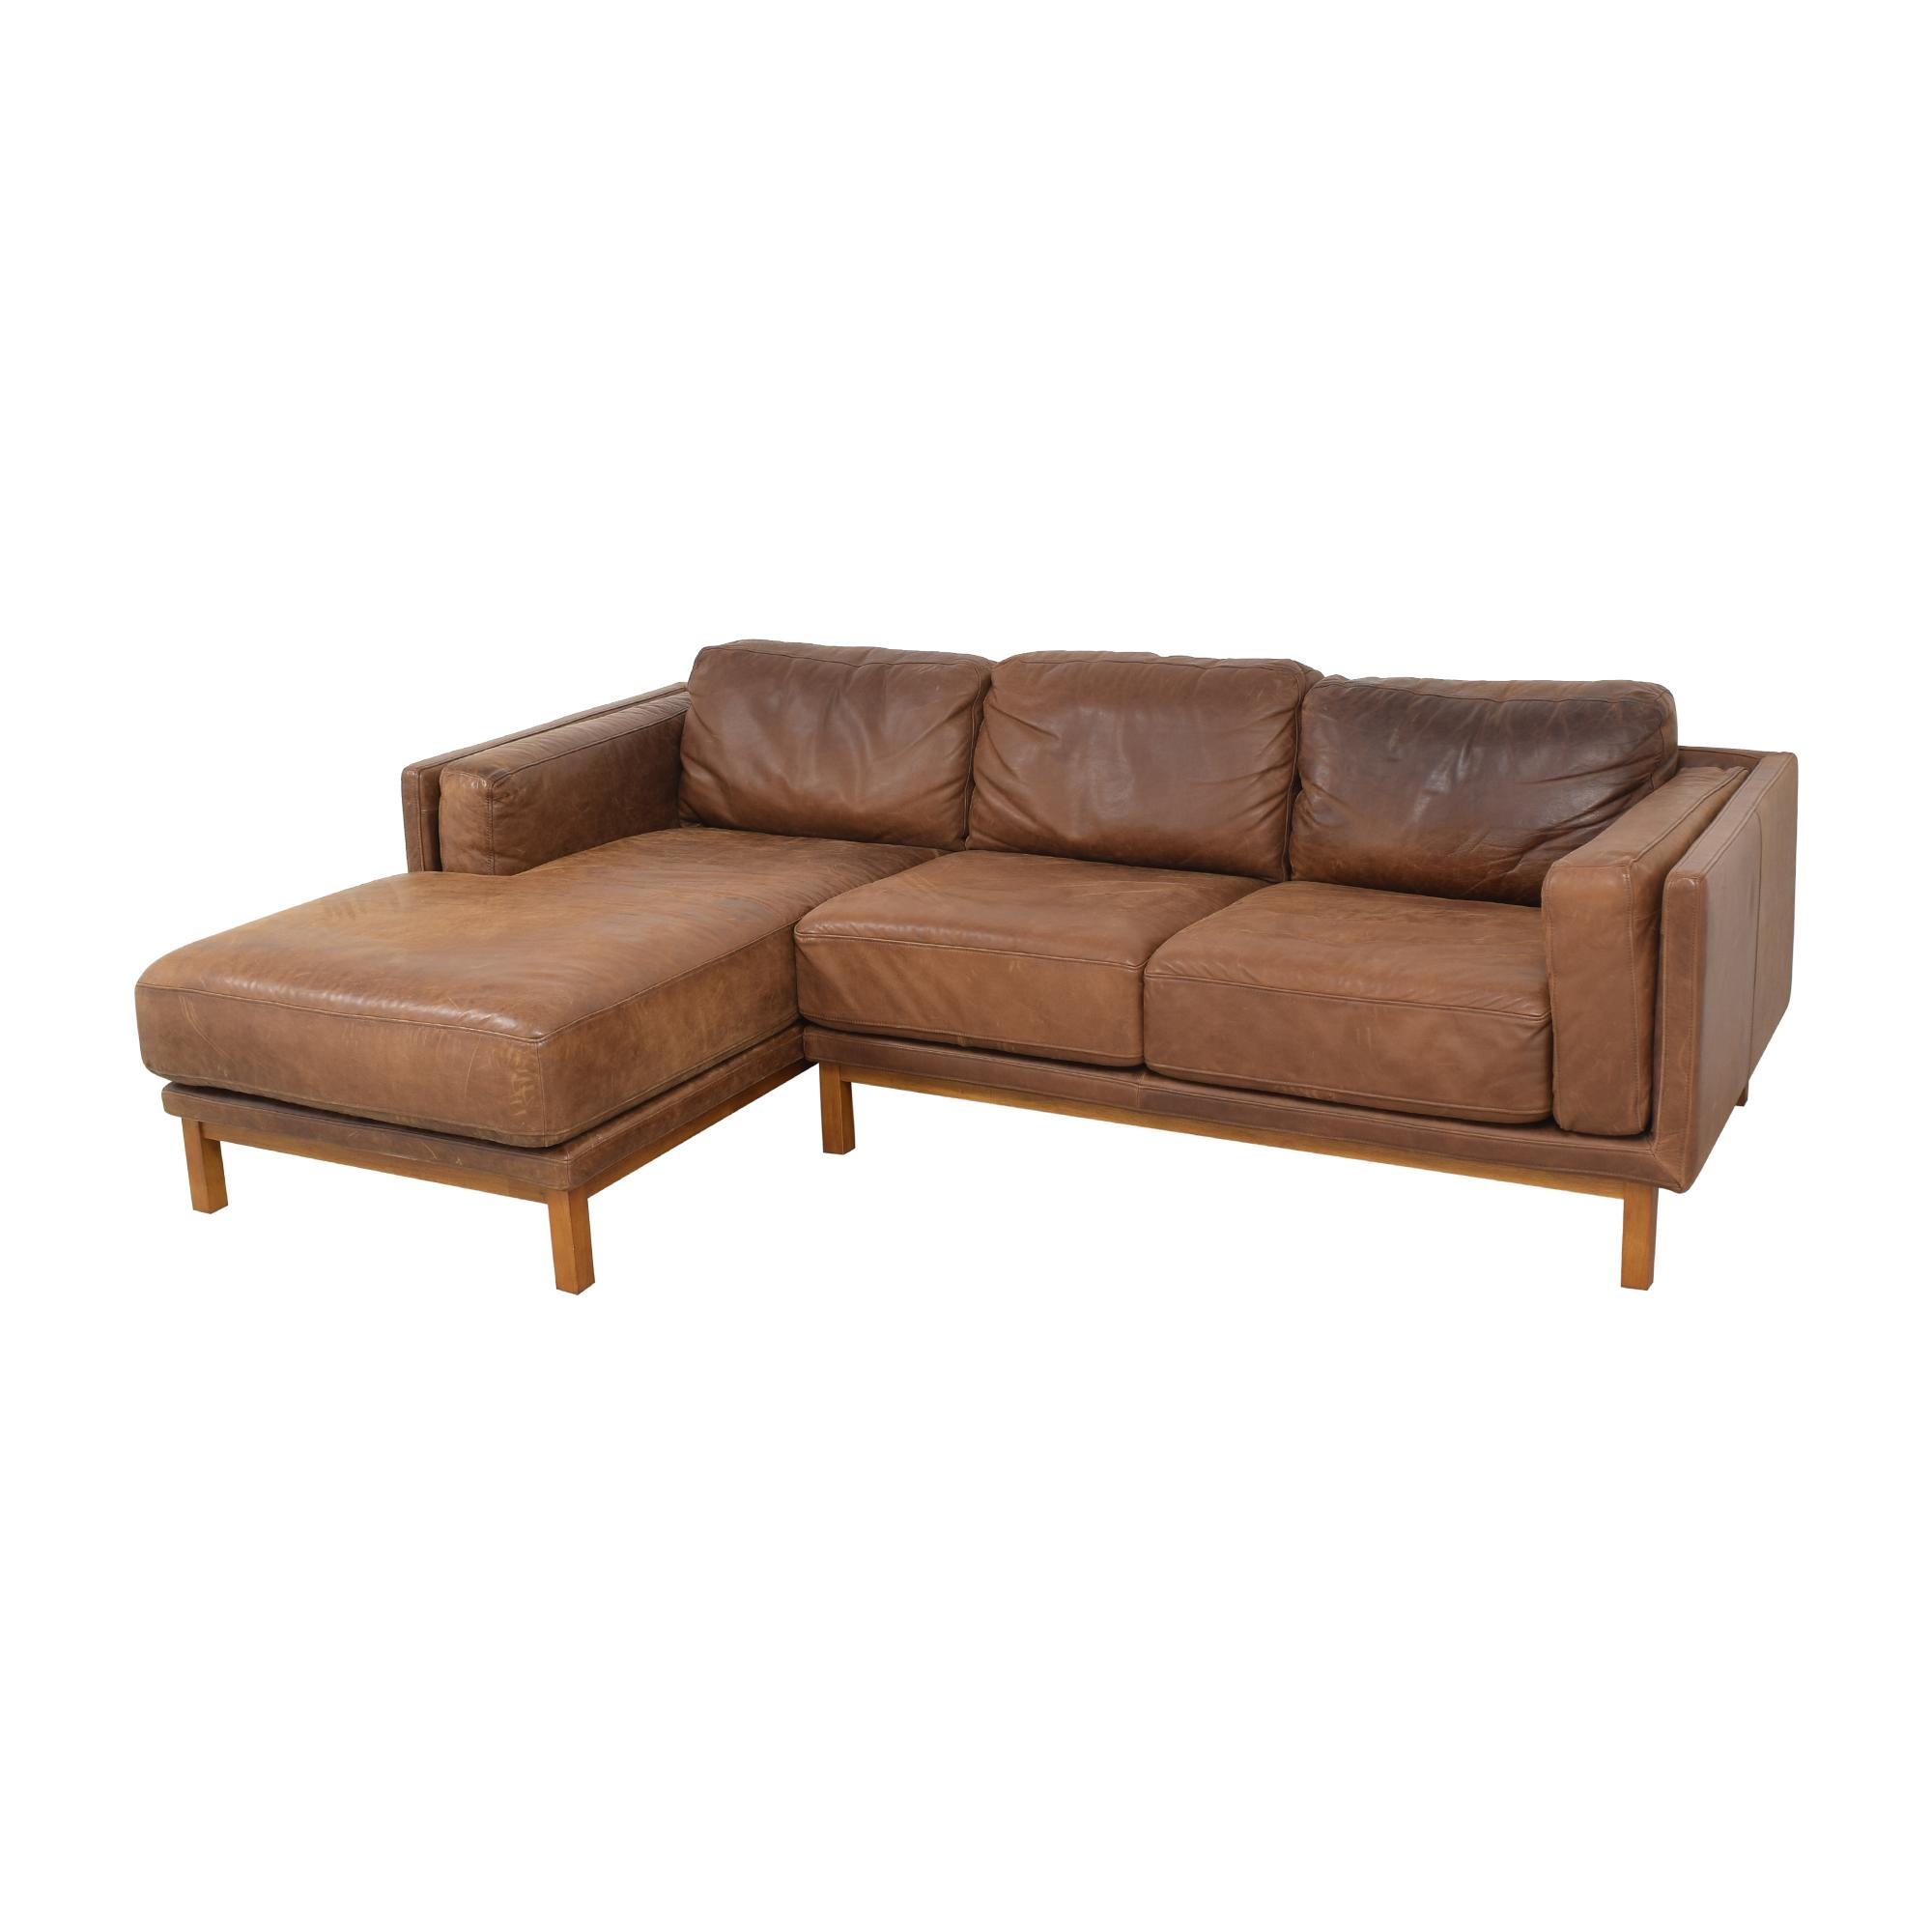 West Elm West Elm Dekalb Leather 2-Piece Chaise Sectional dimensions